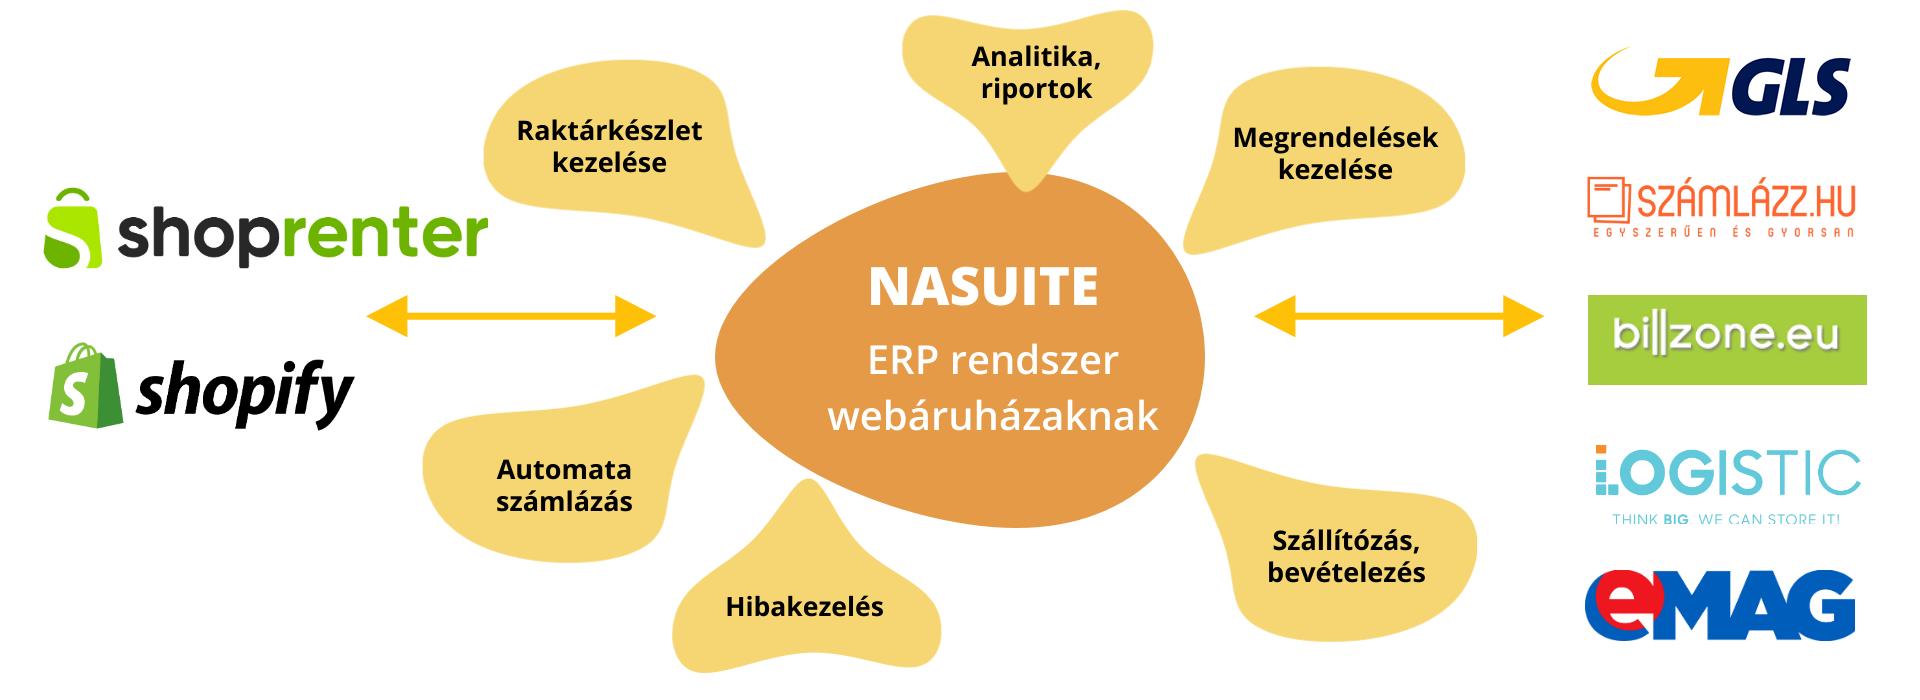 Nasuite működése